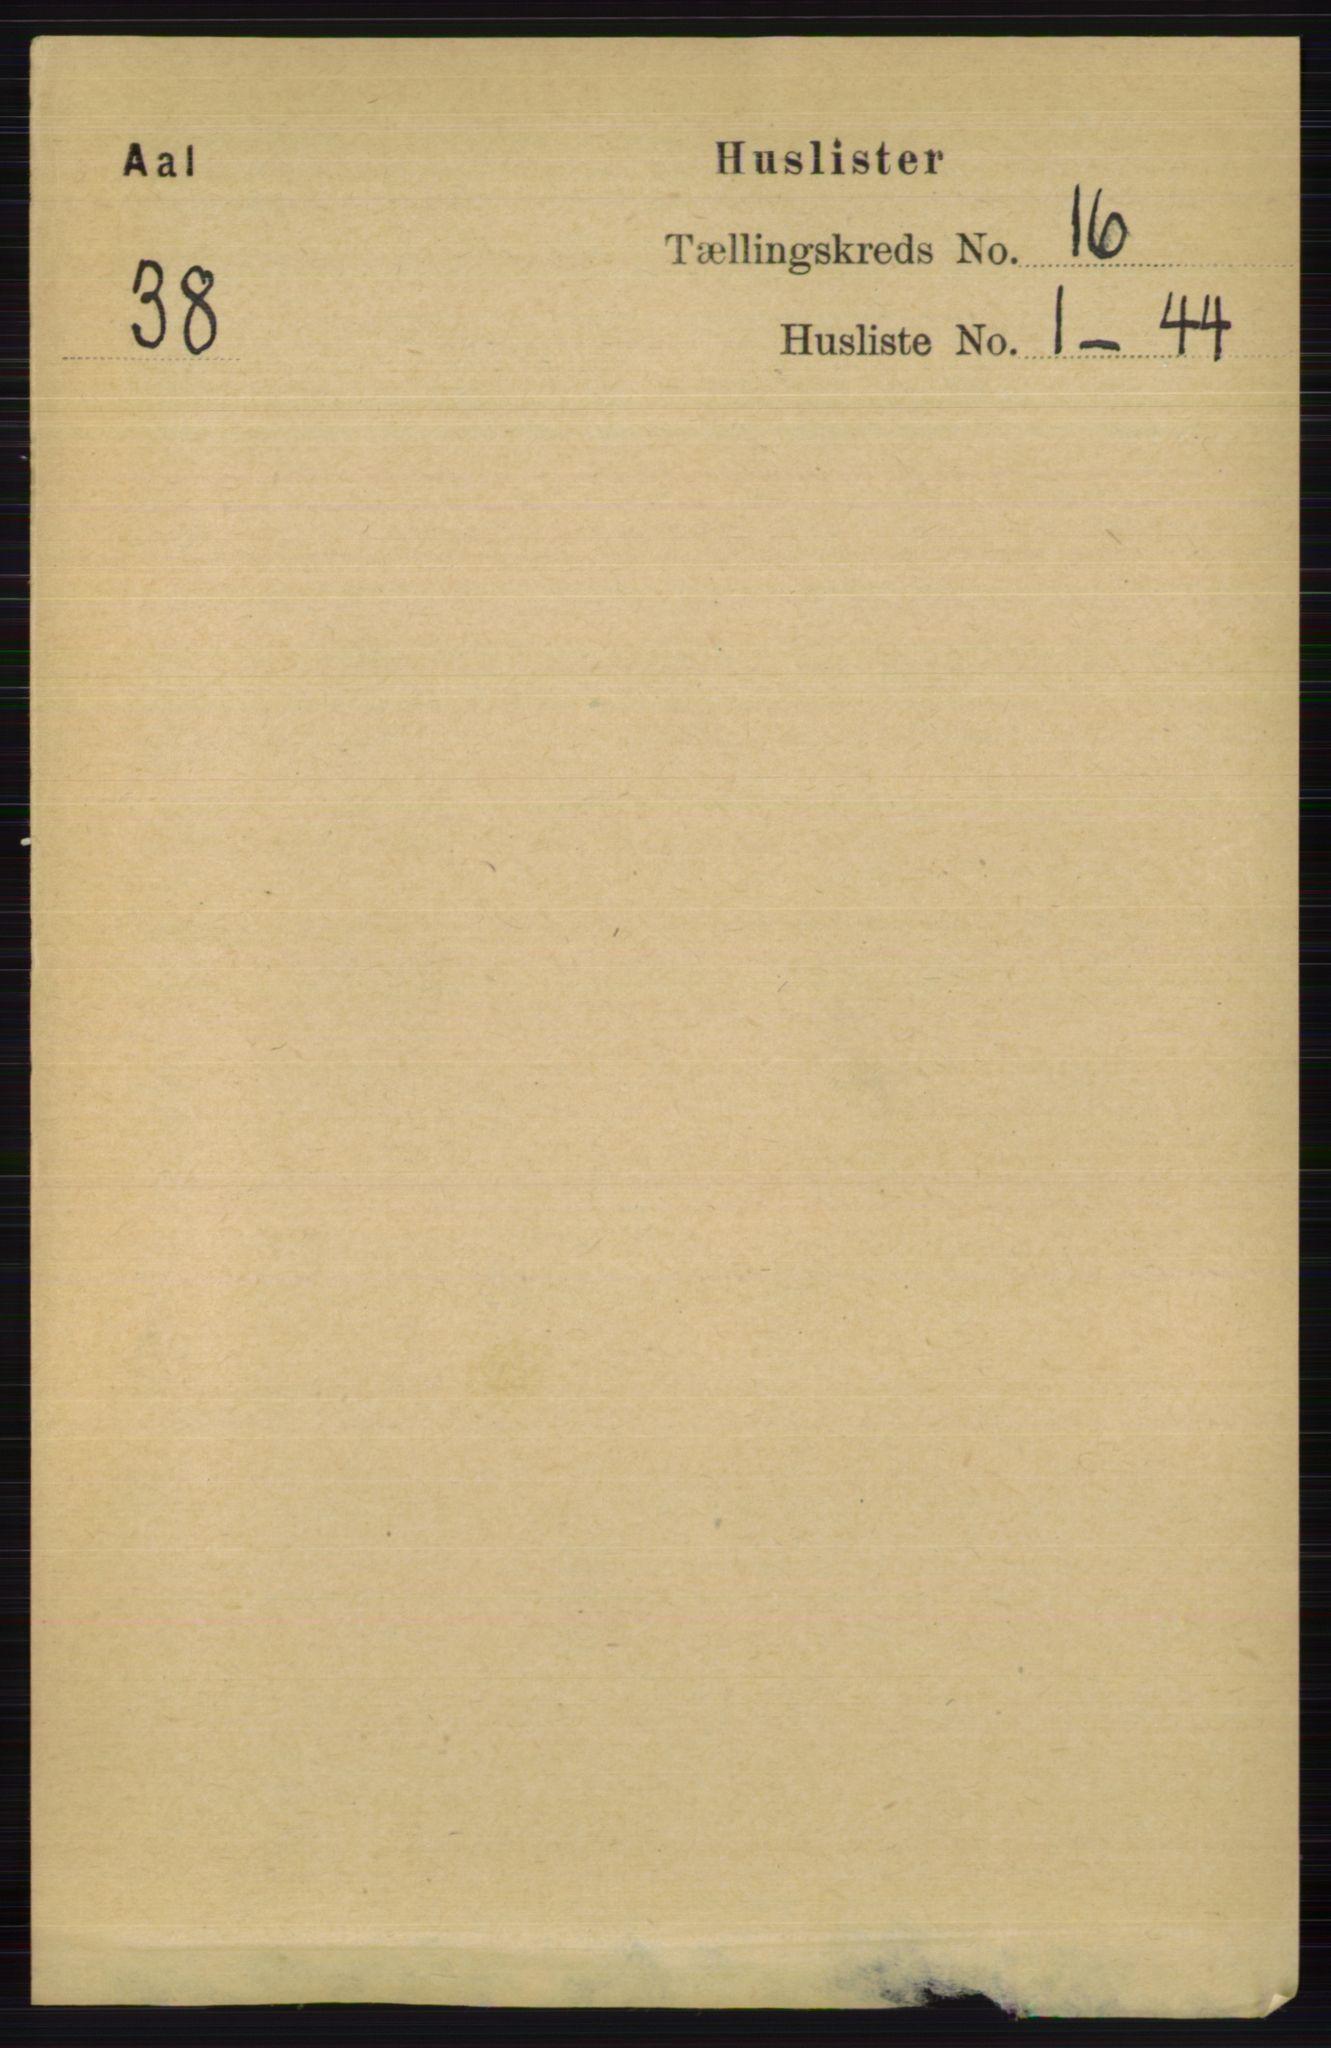 RA, Folketelling 1891 for 0619 Ål herred, 1891, s. 3994